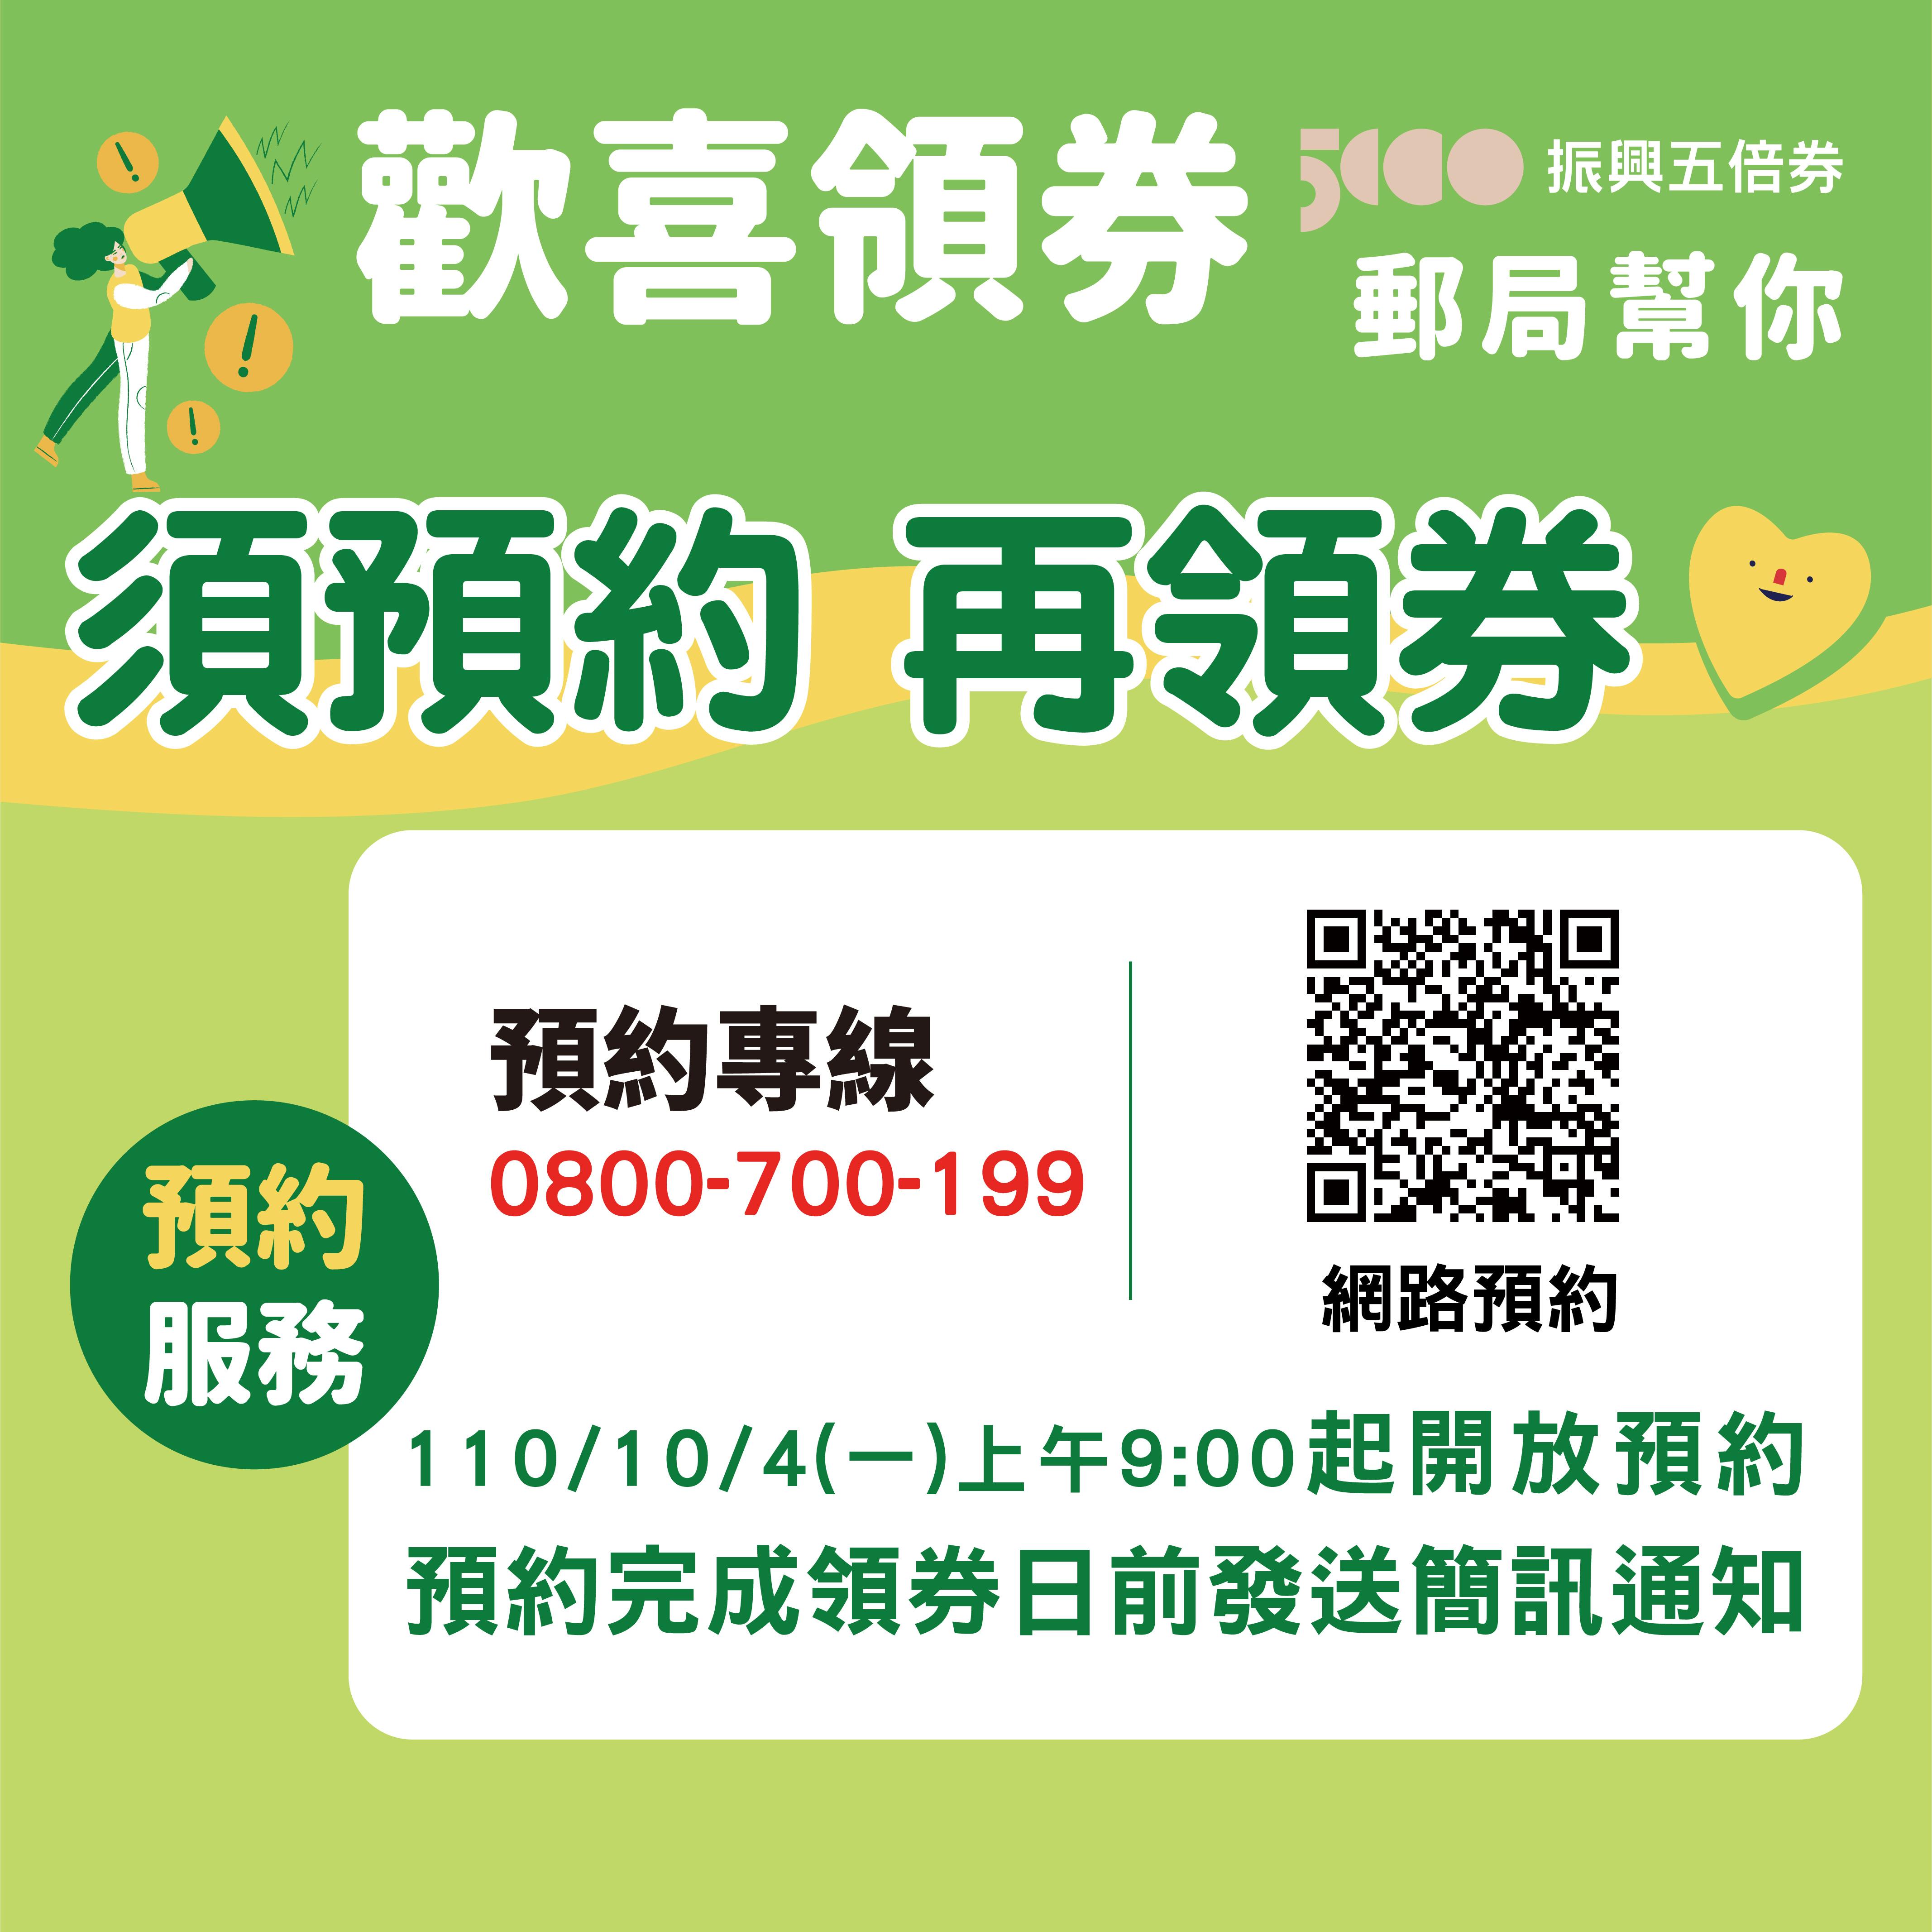 郵局領振興五倍券 須預約再領券  10月4日起開放網路及電話預約